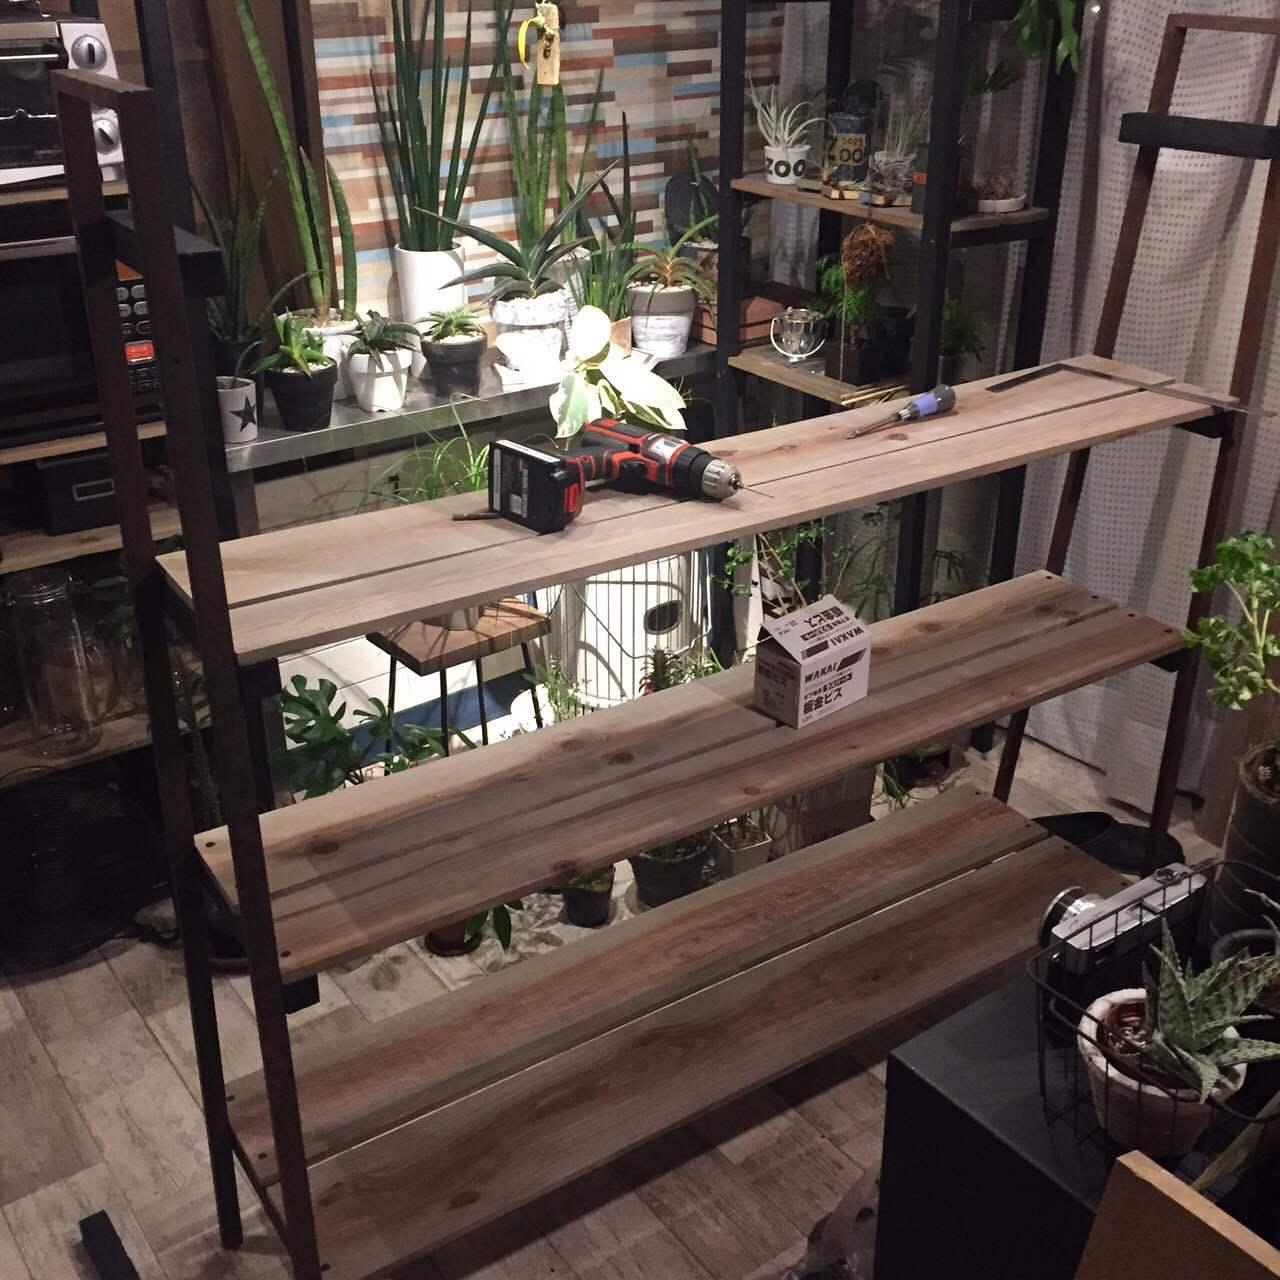 IKEAの棚であるLERBERGを植物を飾るグリーンラックにDIY_3